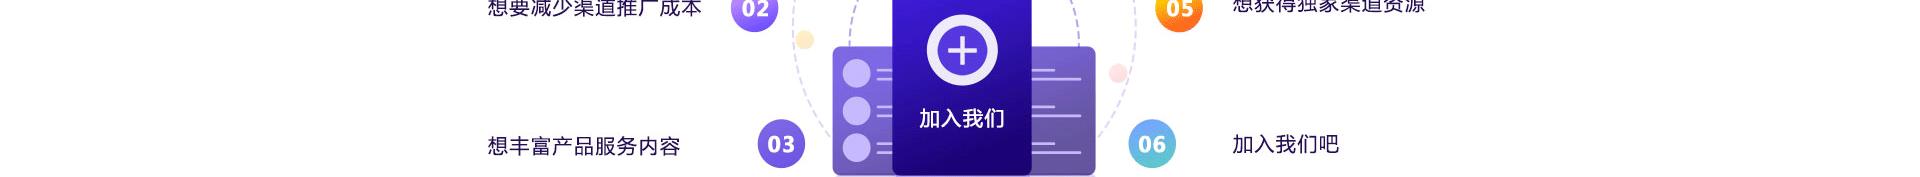 加盟计划_07.png